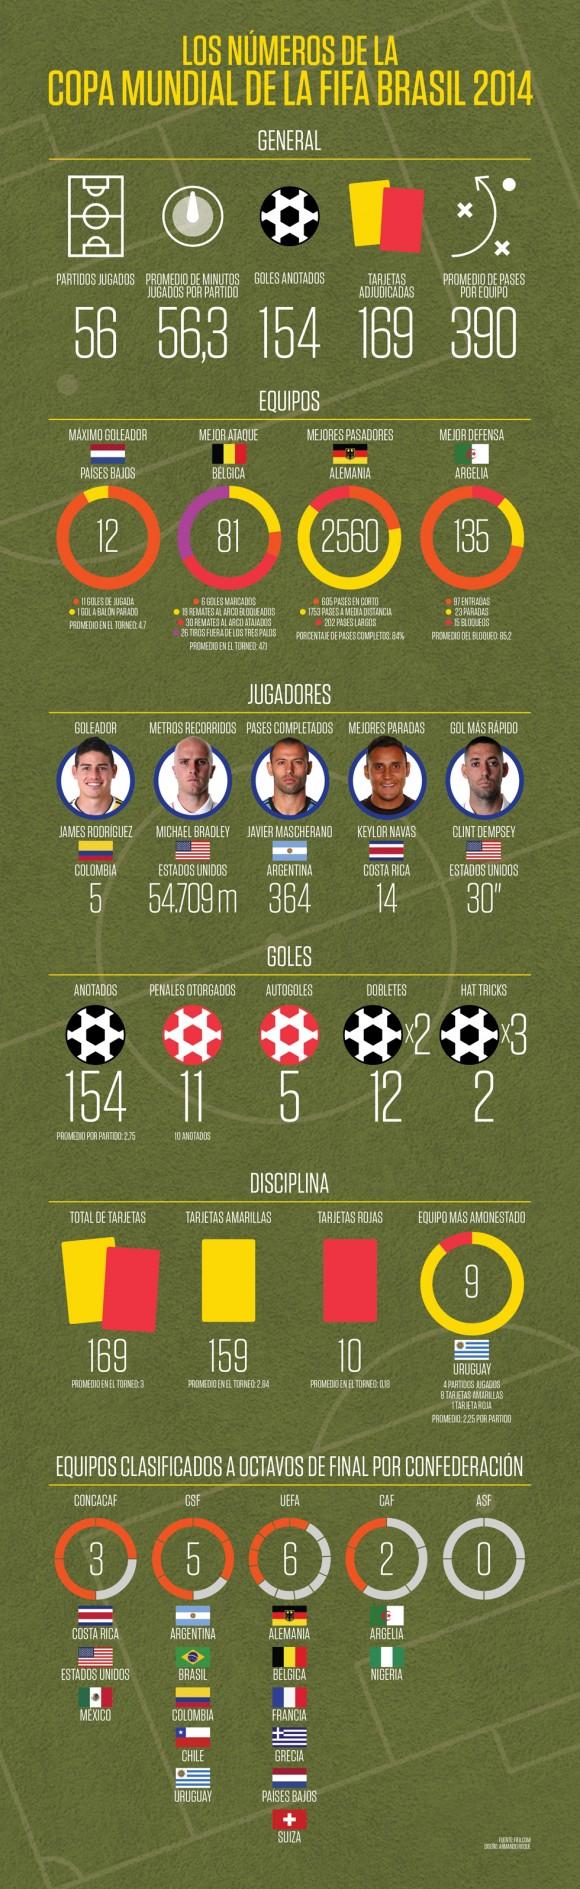 infografia mundial de fubtol 2014 brasil